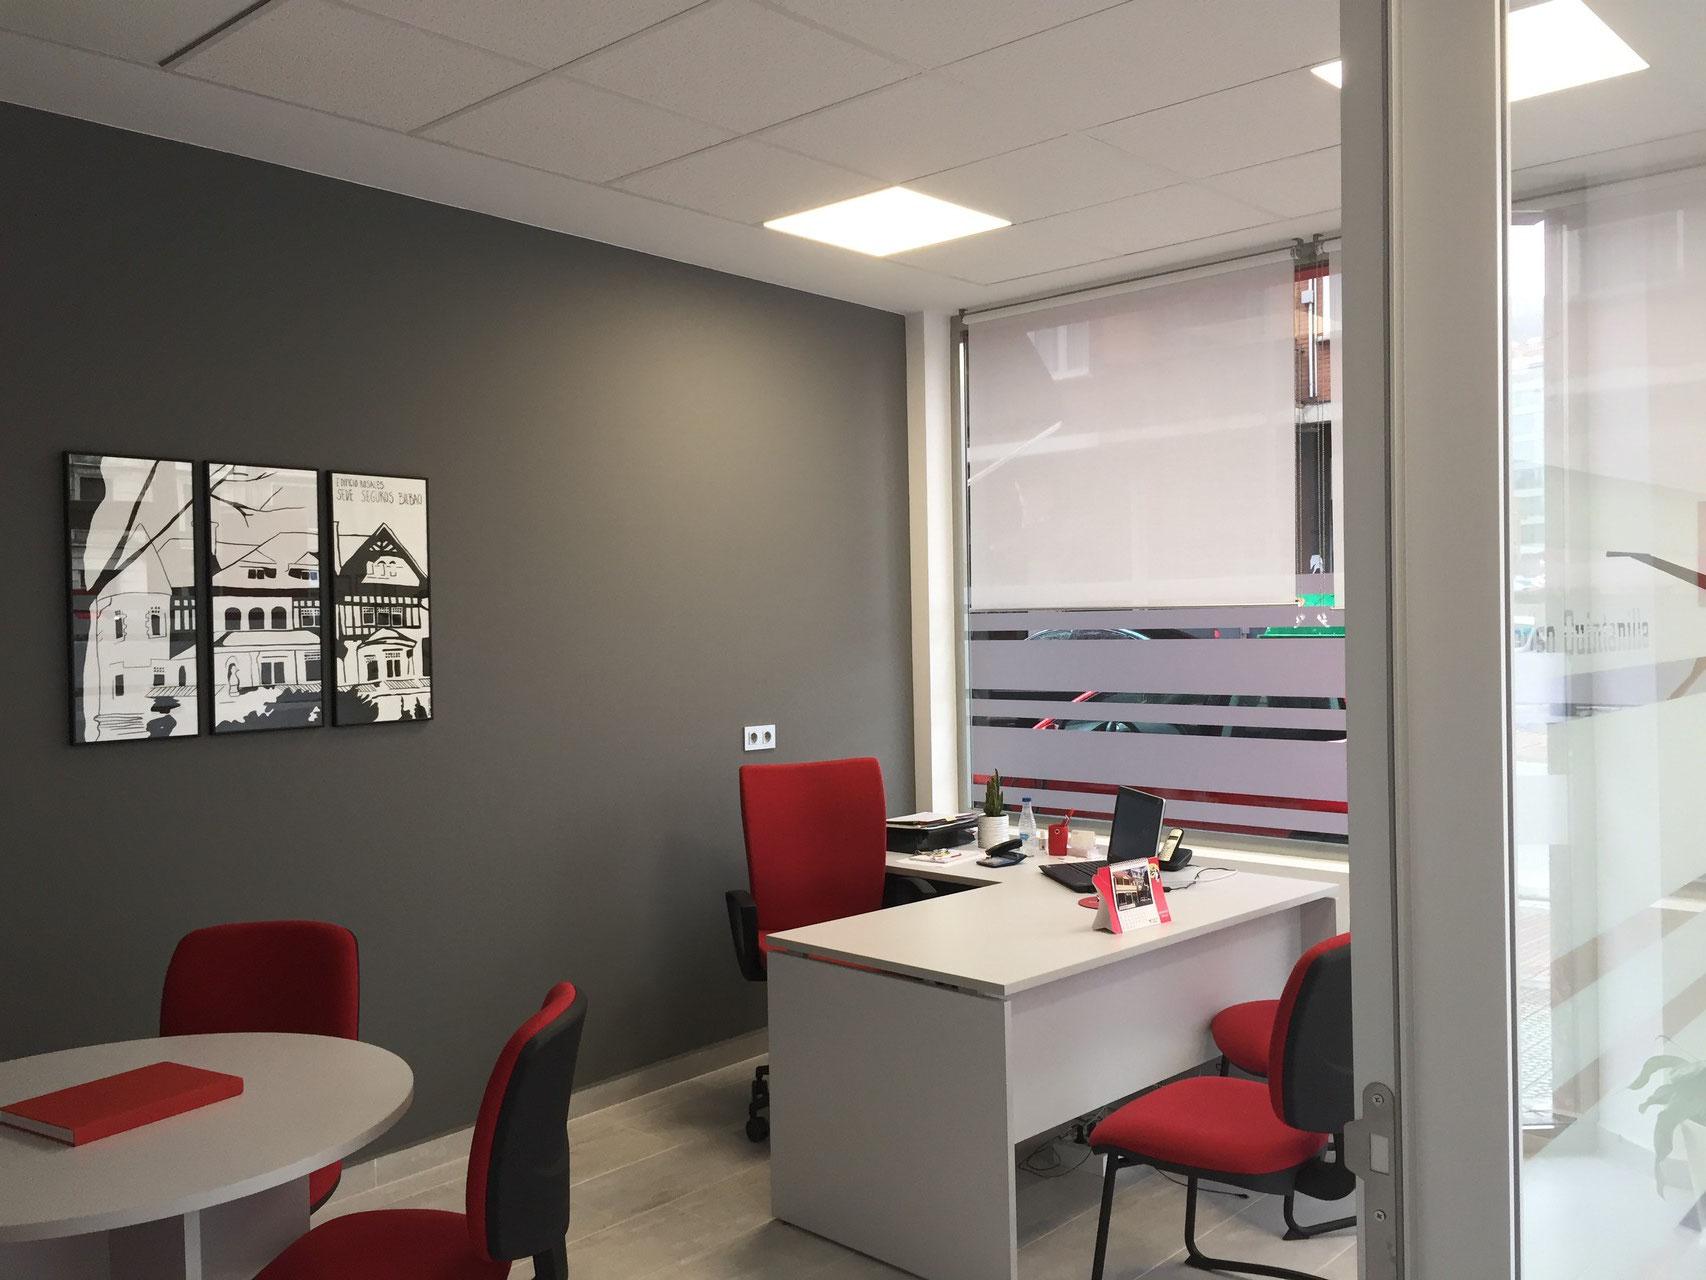 oficina seguros bilbao estudio arkobi arquitectura